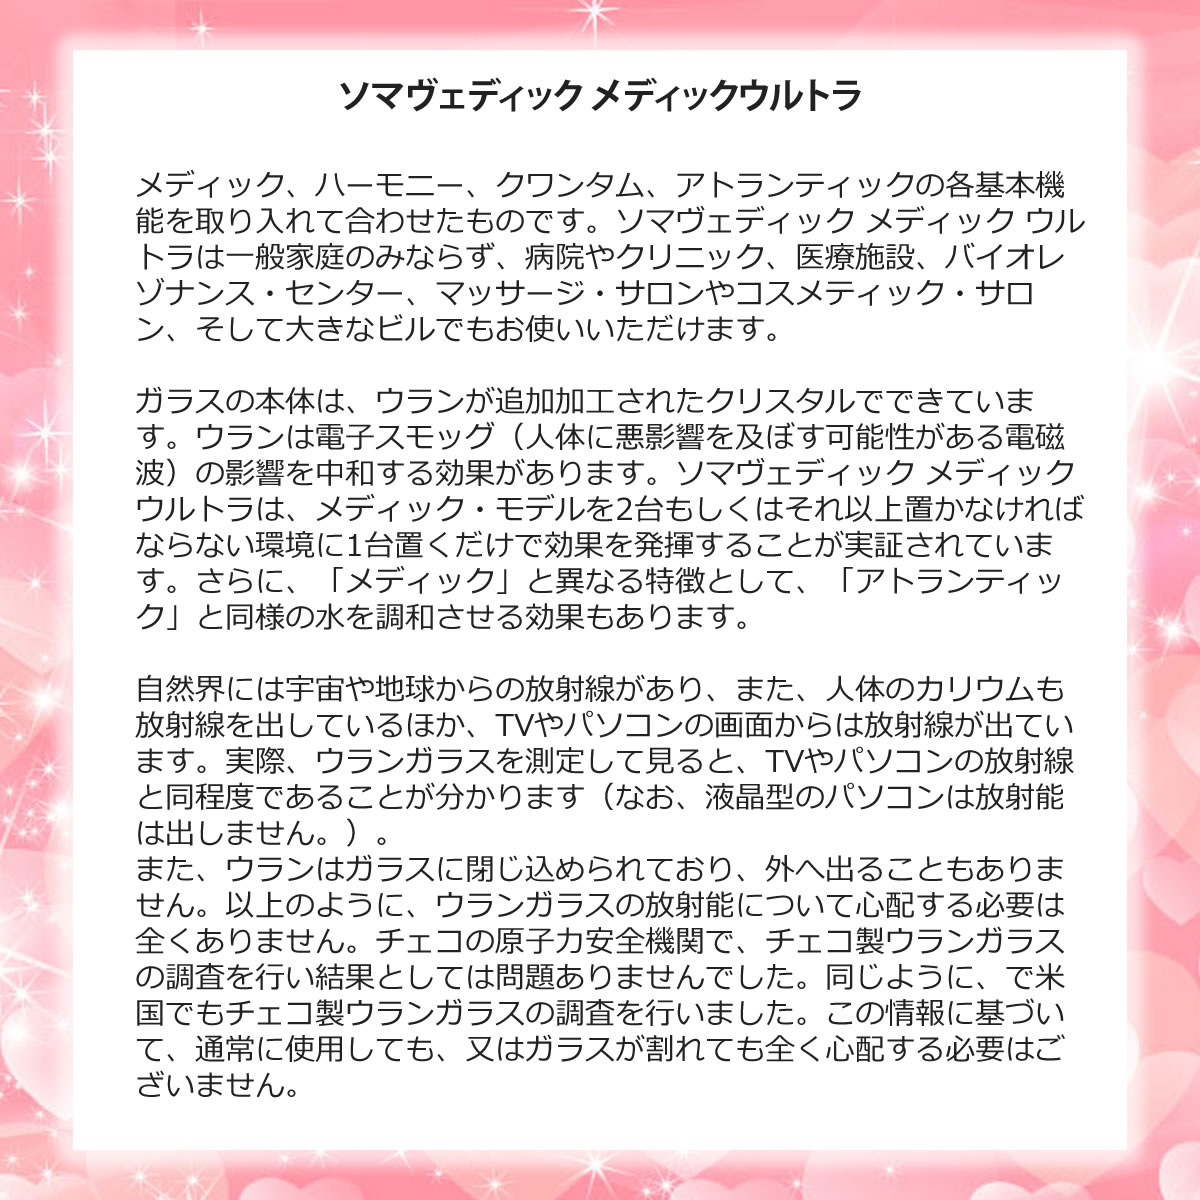 ソマヴェディック メディックウルトラ SM-06 USBケーブル付属 【送料無料】